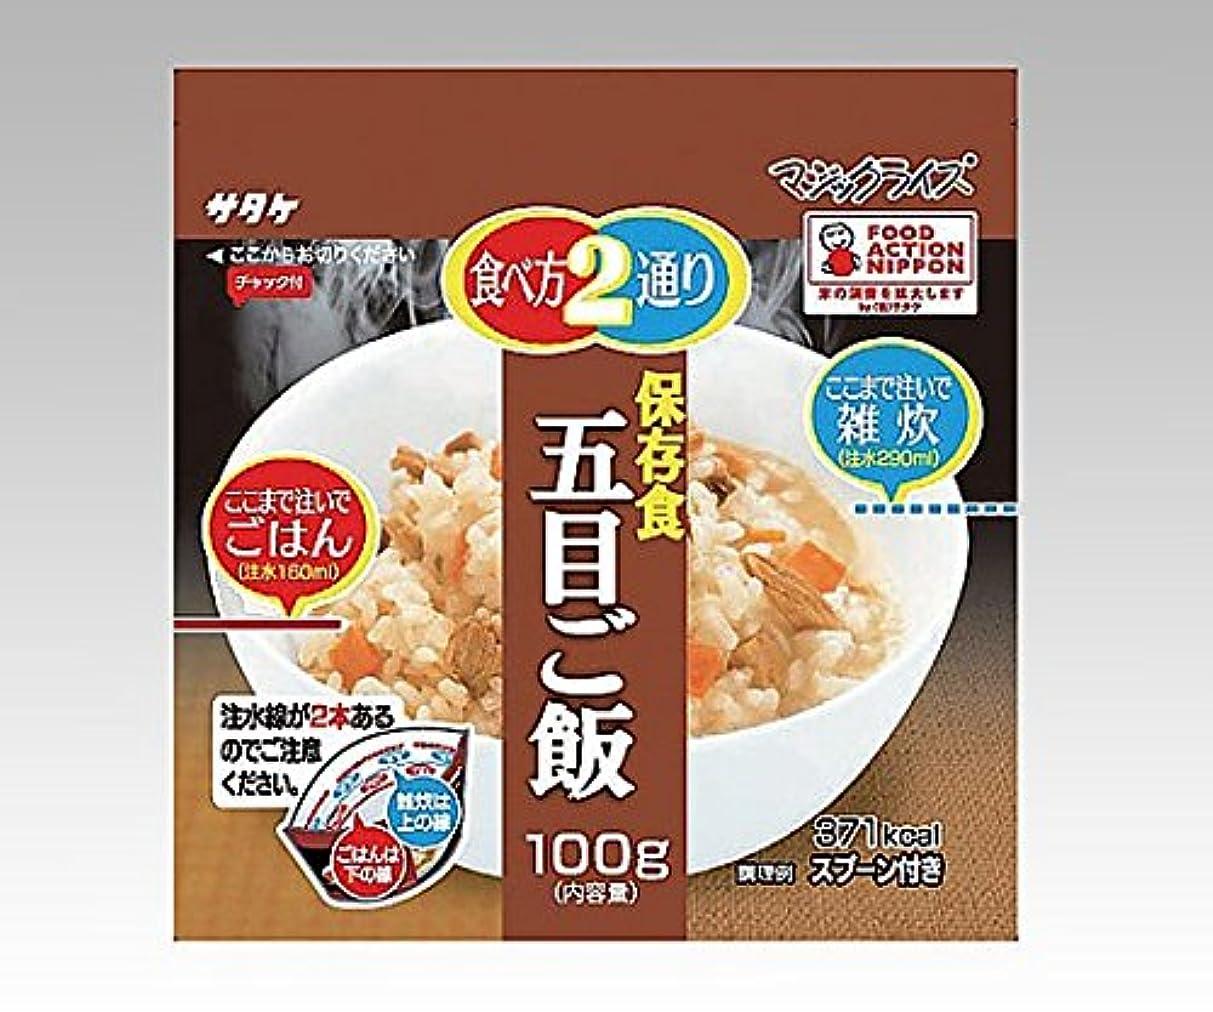 許す気怠いトースト8-2802-03非常用食品(五目ご飯/50食分)